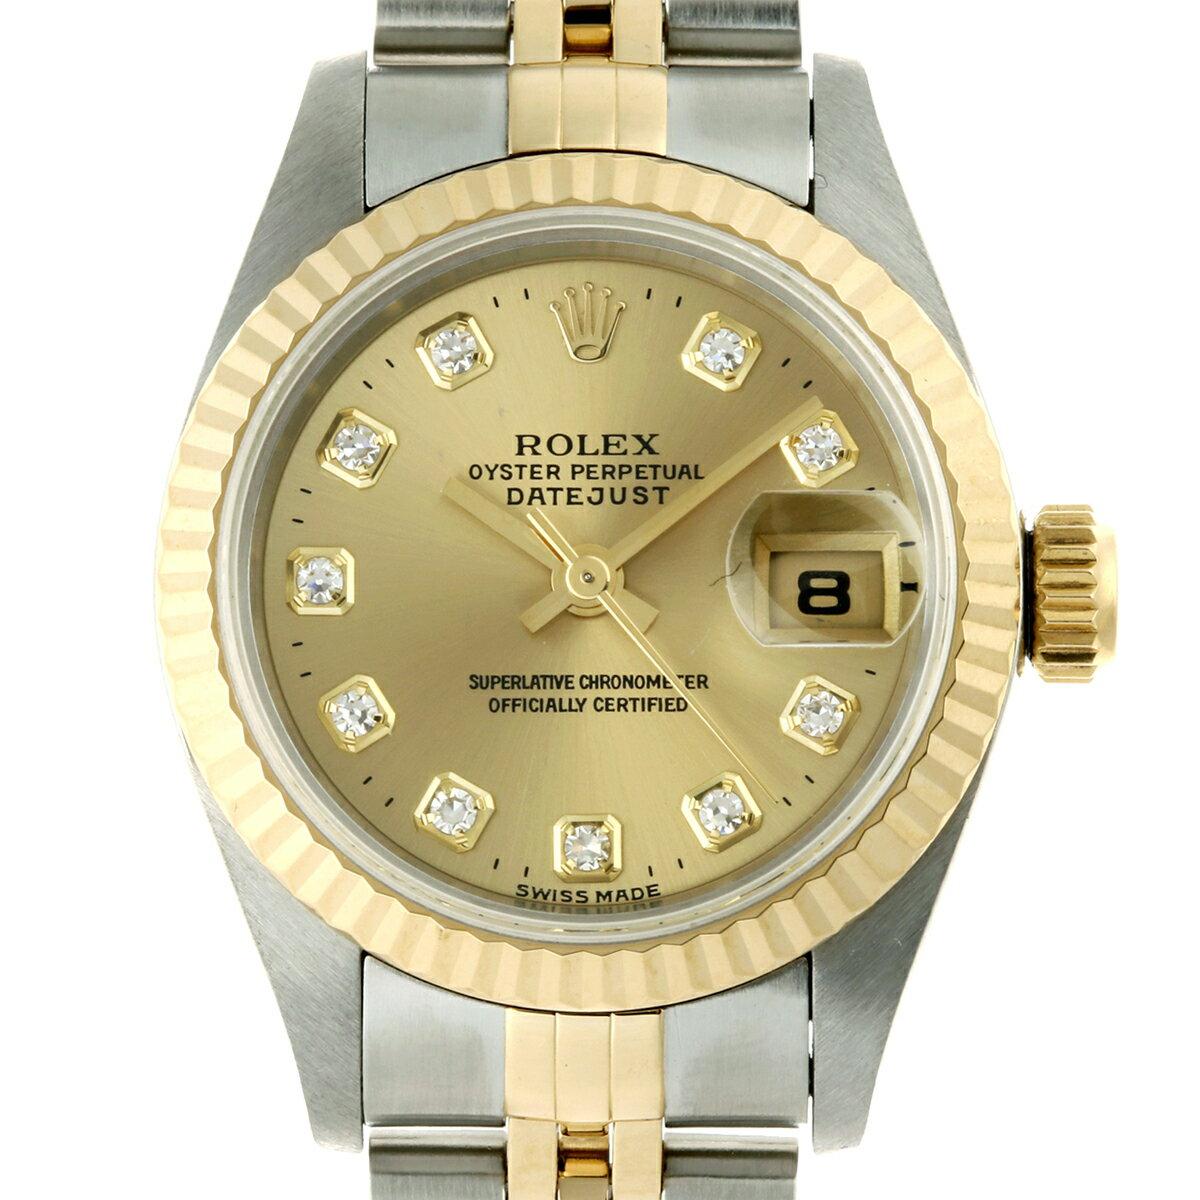 [飯能本店] ROLEX ロレックス デイトジャスト 10P ダイヤモンド (1996年製) 69173G 腕時計 ステンレススチール シャンパン 文字盤 レディース DH48608【大黒屋質店出品】 【中古】【送料無料】